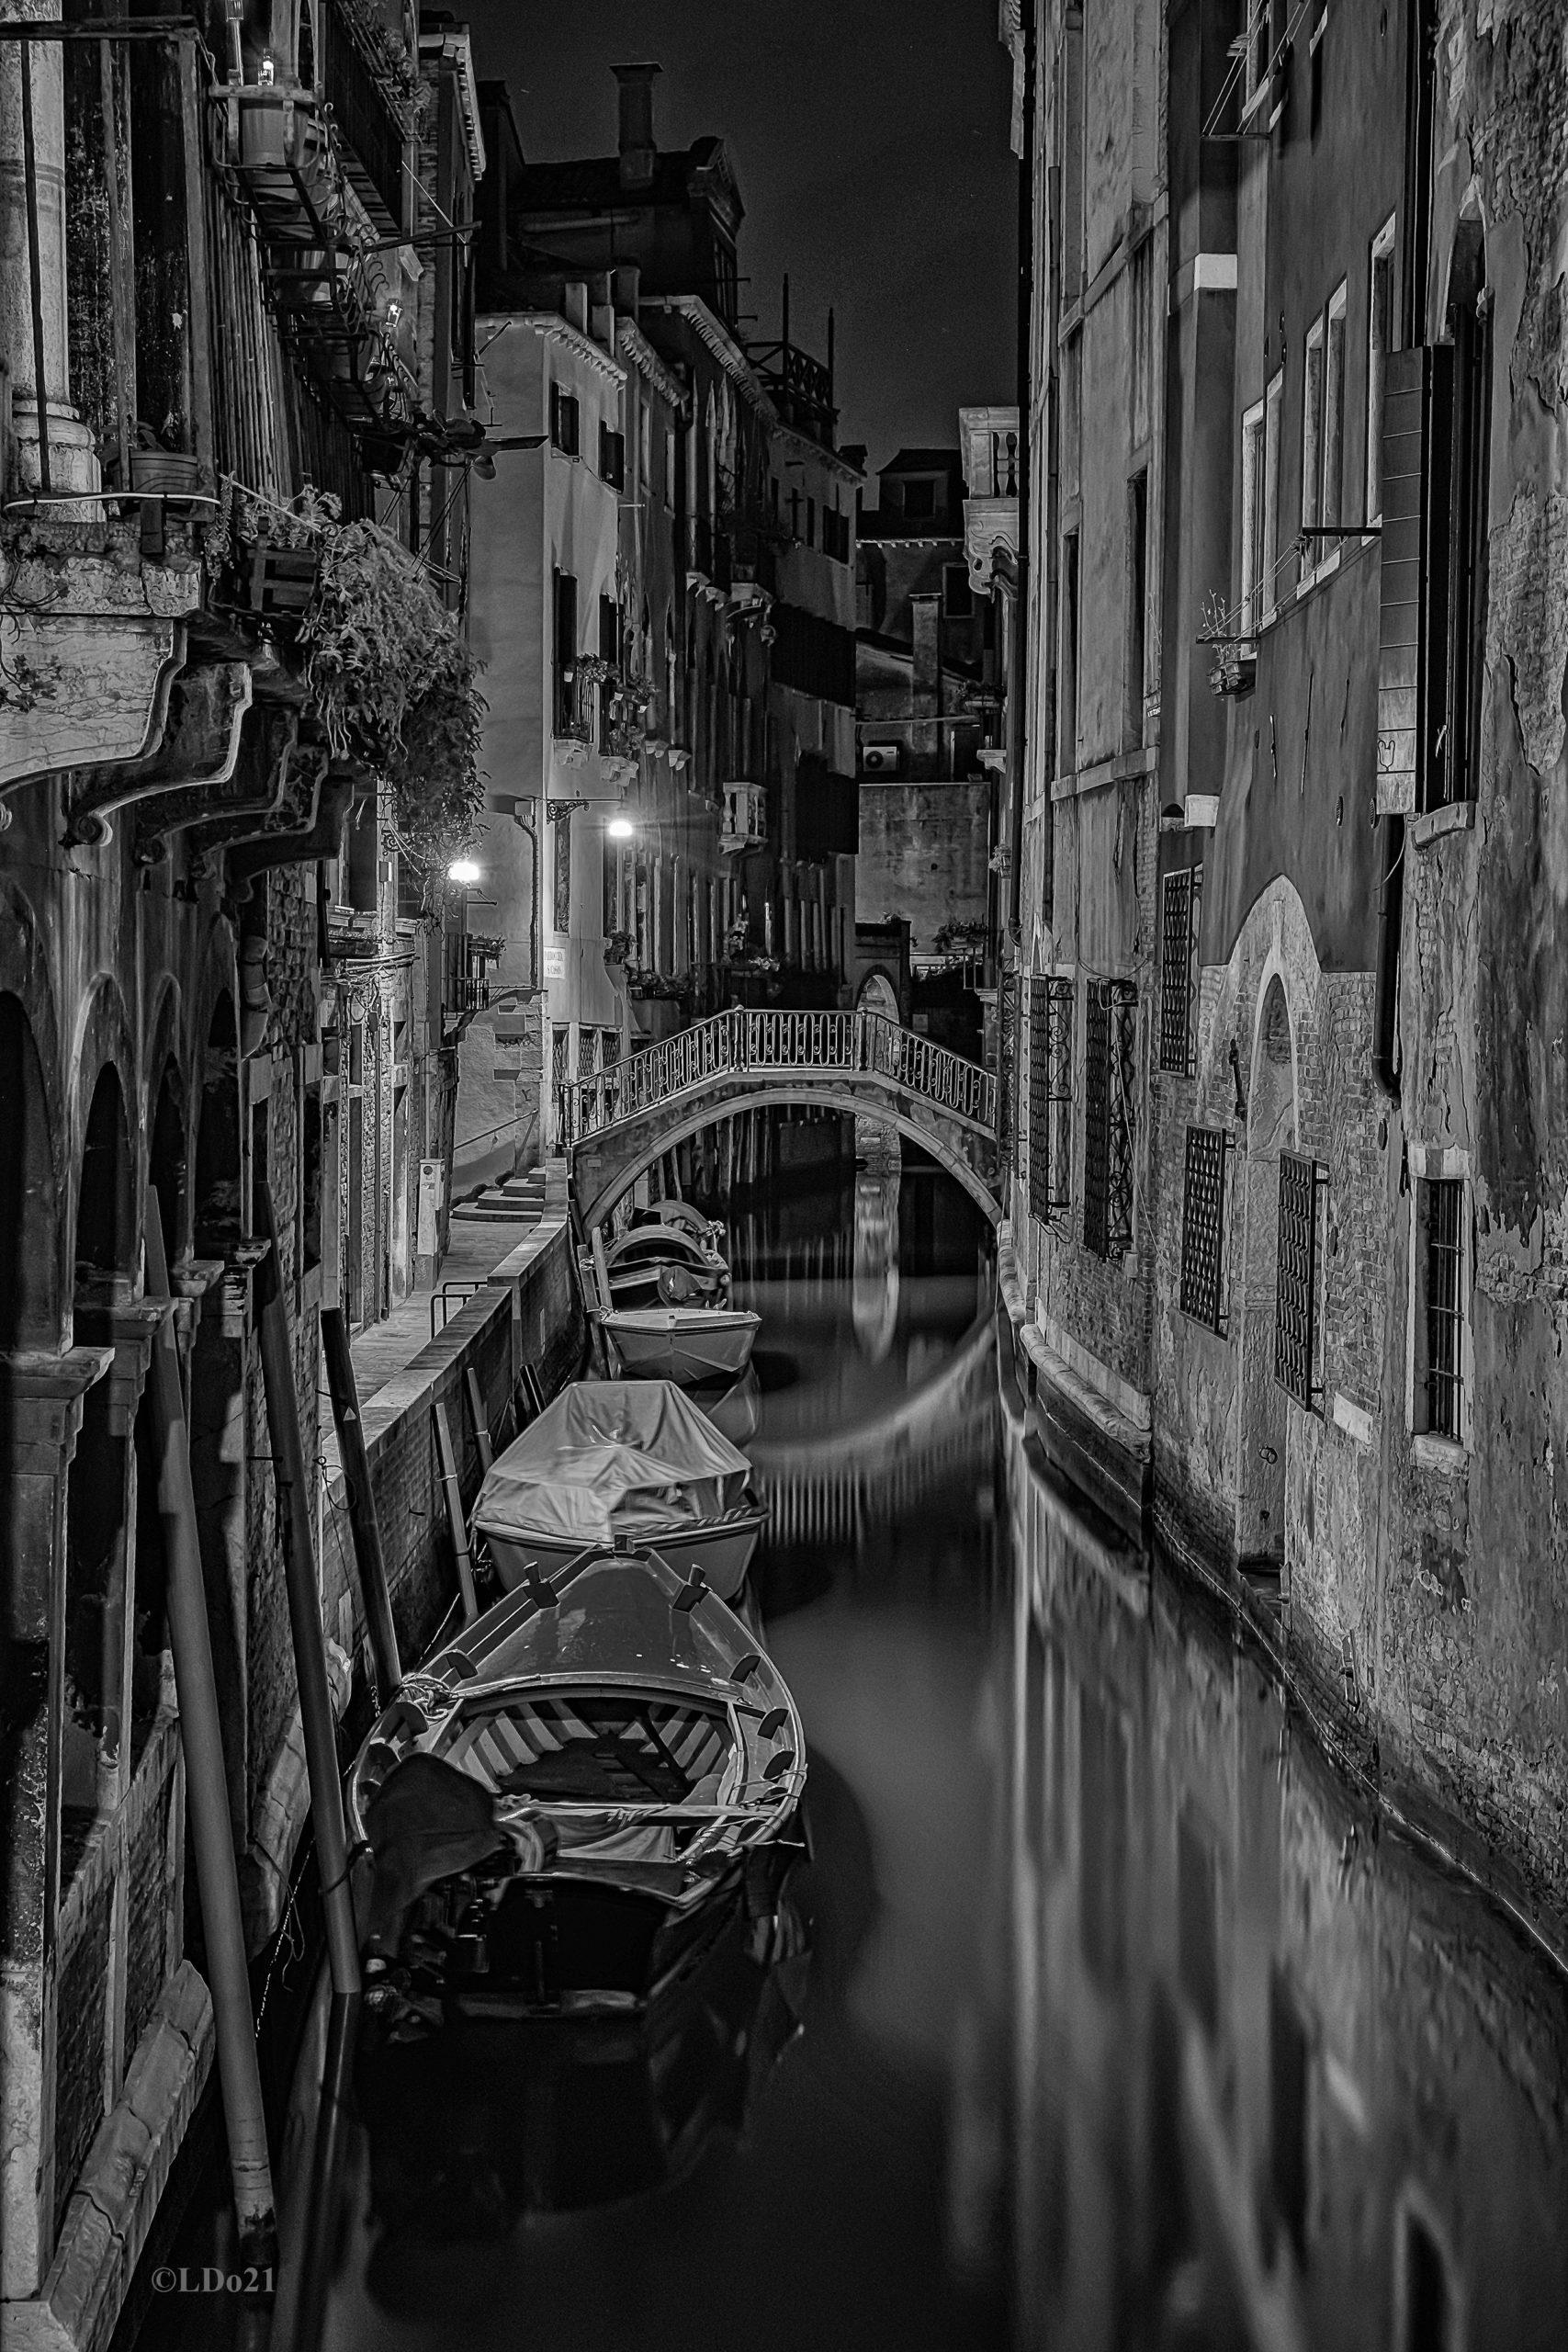 Venedig, bei Nacht in schwarz-weiß